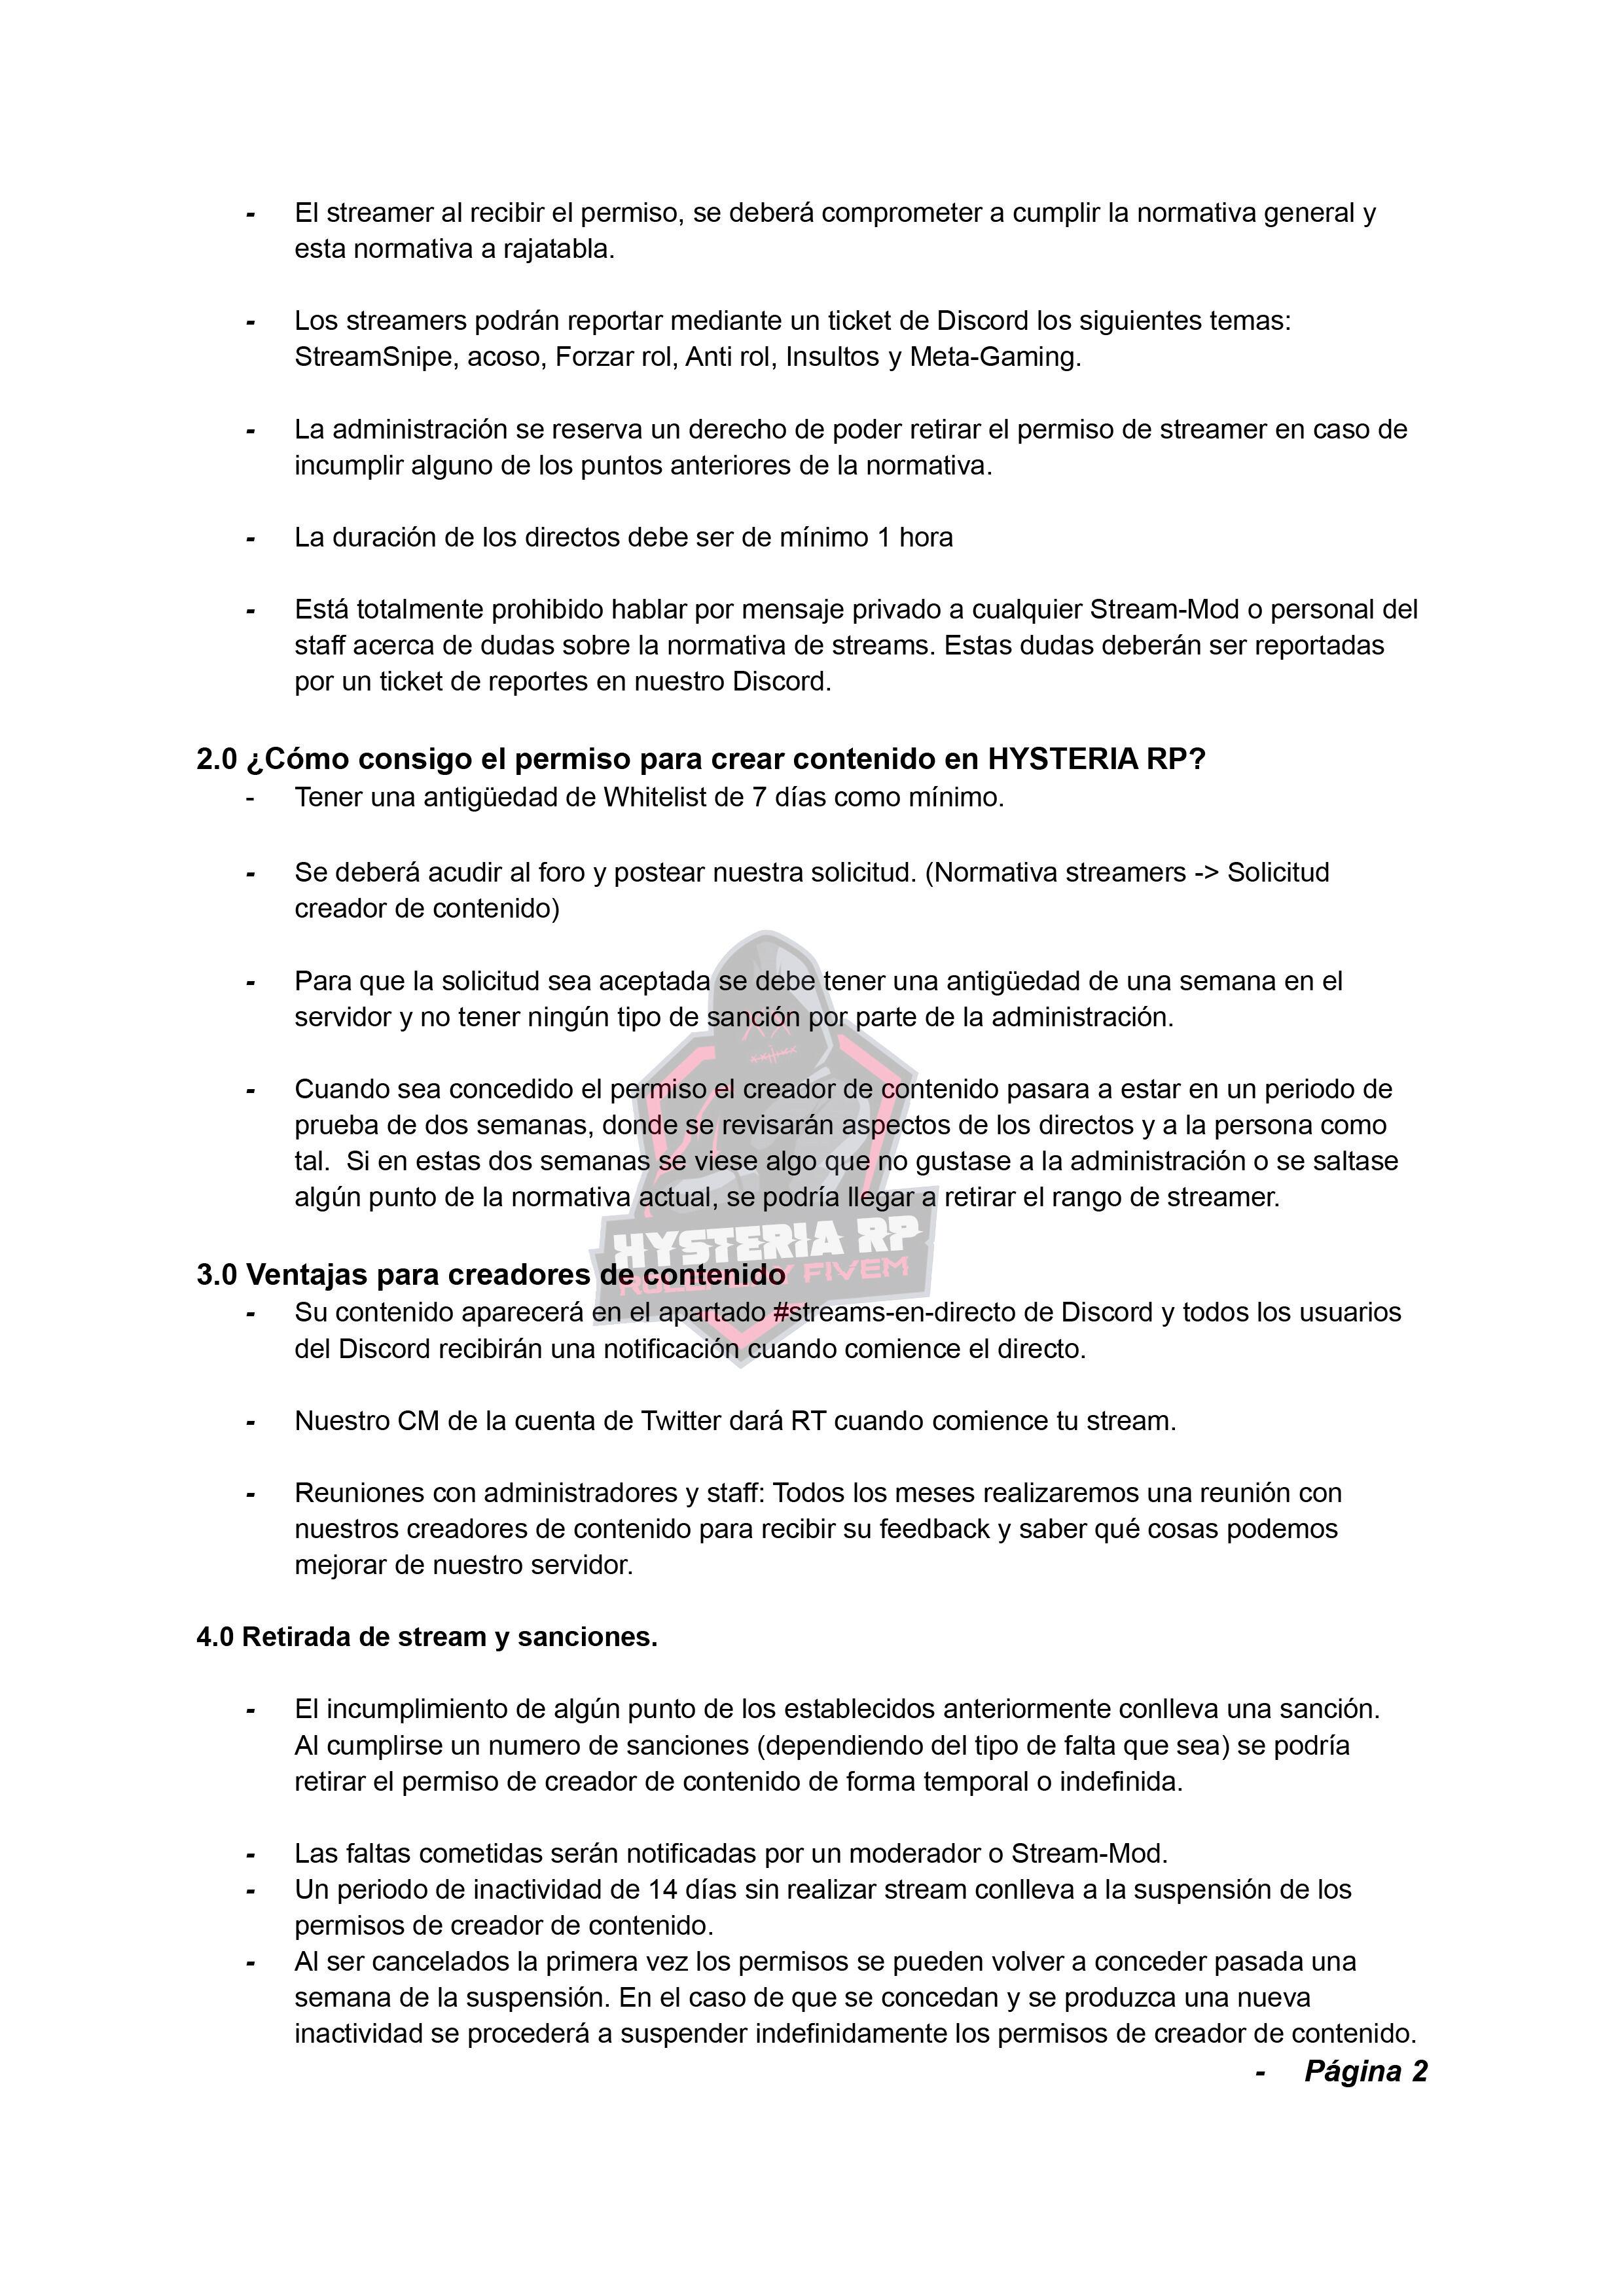 Normativa de Streamers | Hysteria RP Normat36